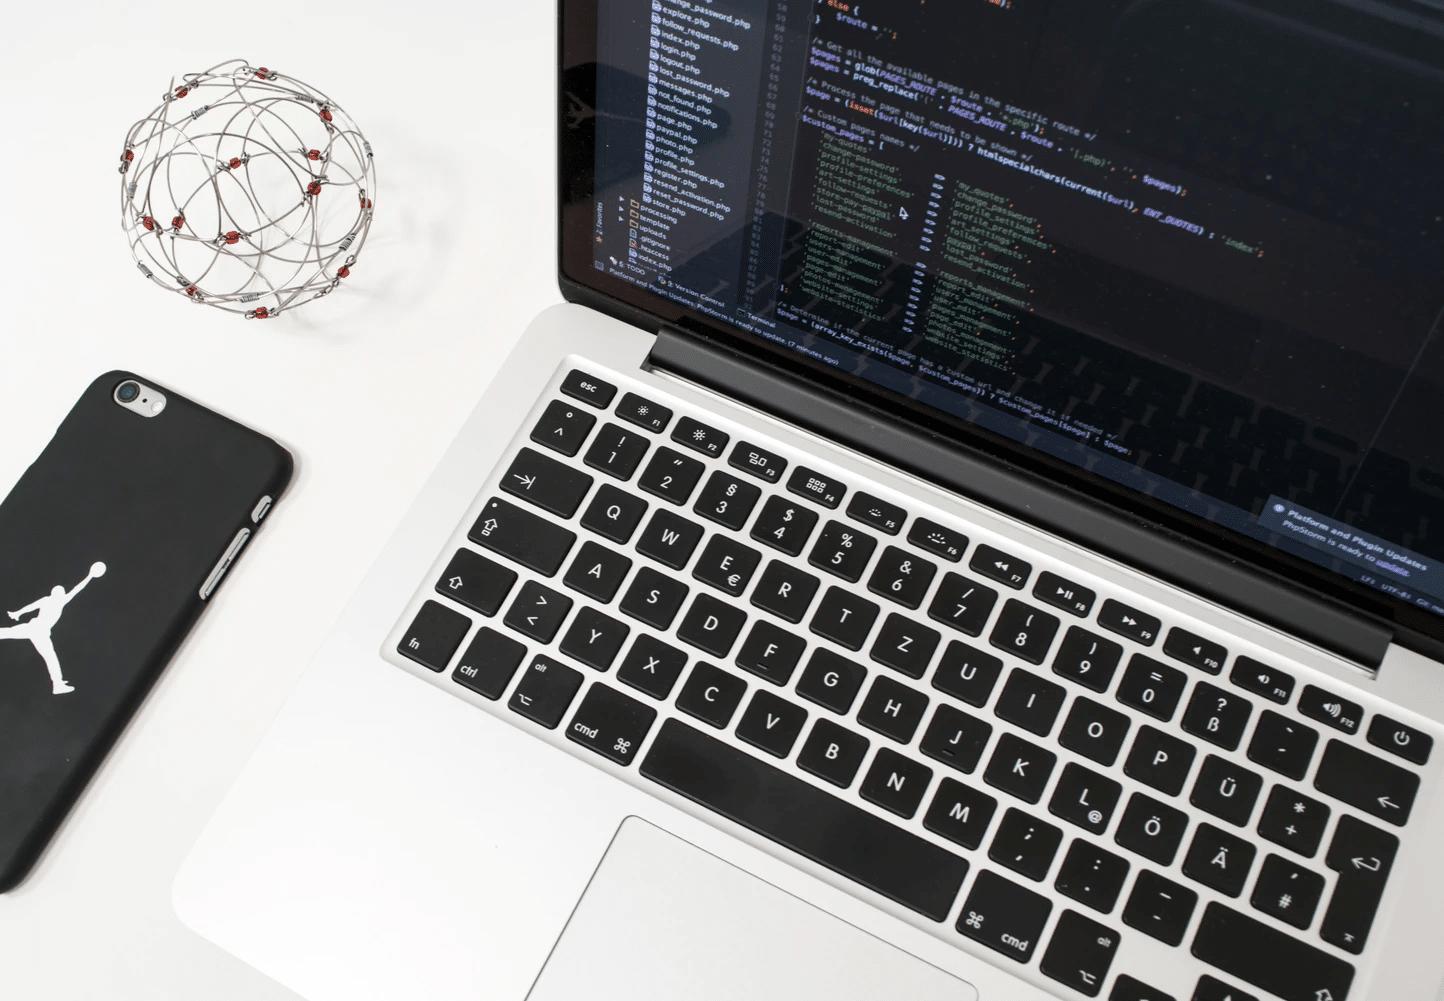 9 ทักษะจำเป็นสำหรับนักพัฒนาซอฟต์แวร์ที่ควรเรียนรู้ไว้ในปี 2020